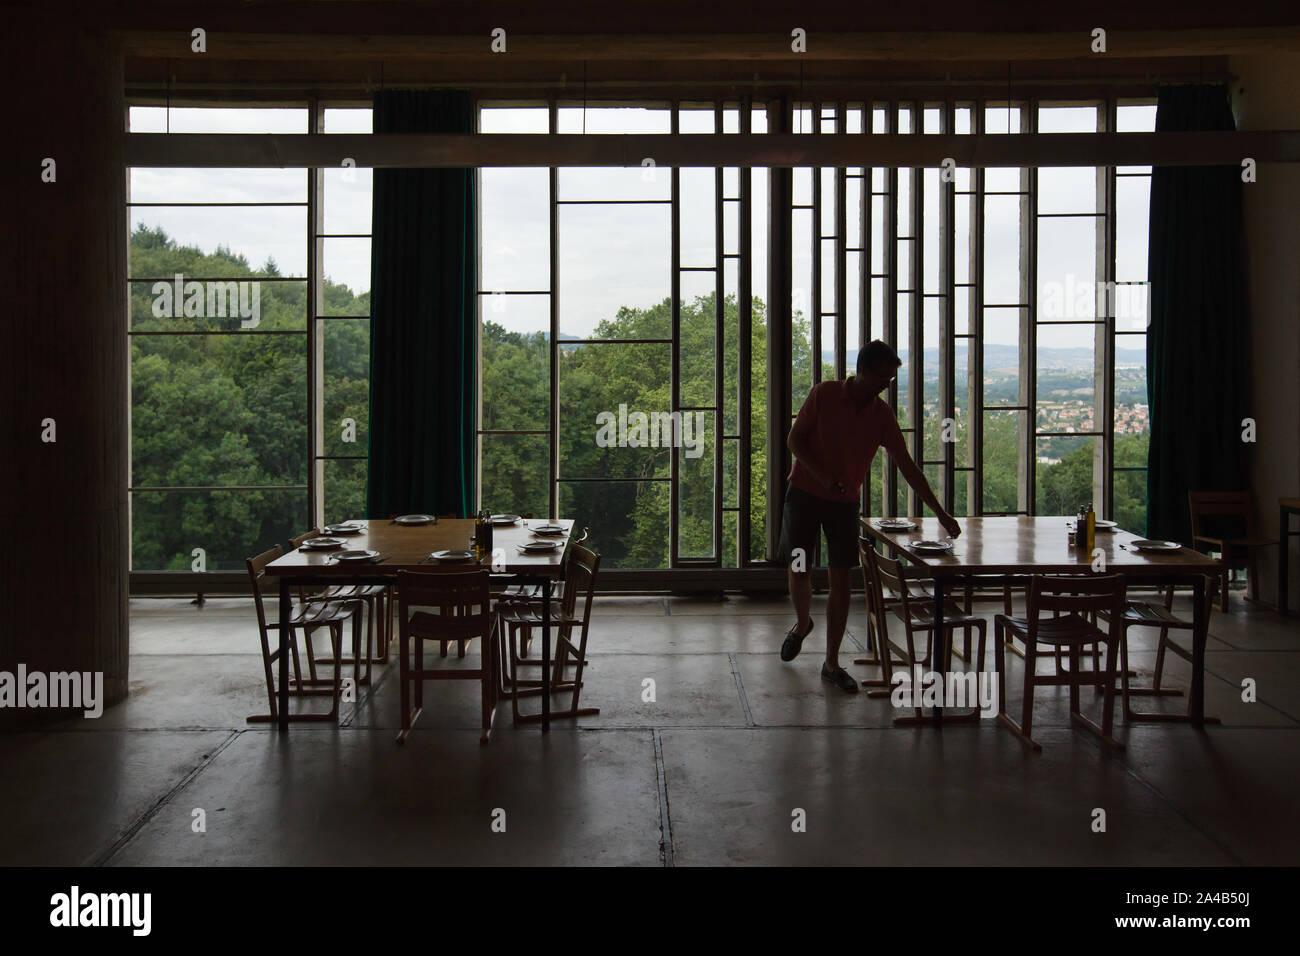 L'homme sert de la table dans le réfectoire monastique dans le Monastère de Sainte Marie de La Tourette conçu par l'architecte suisse Le Corbusier (1959) de Éveux près de Lyon, France. Banque D'Images